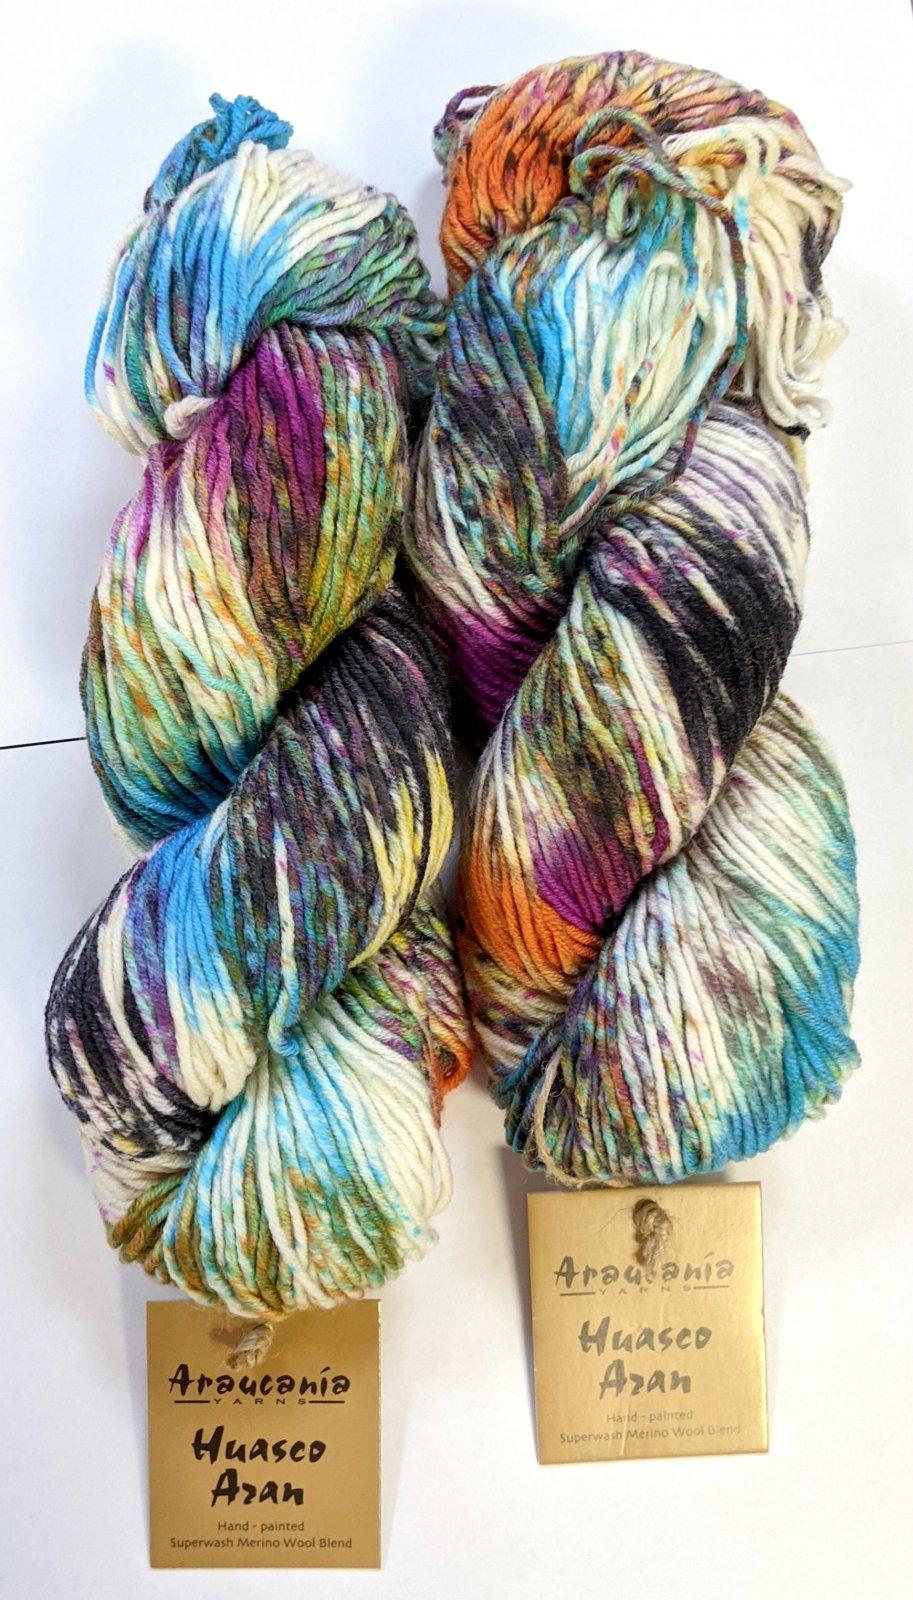 Araucania Huasco Aran Yarn - #11 Vinicunca